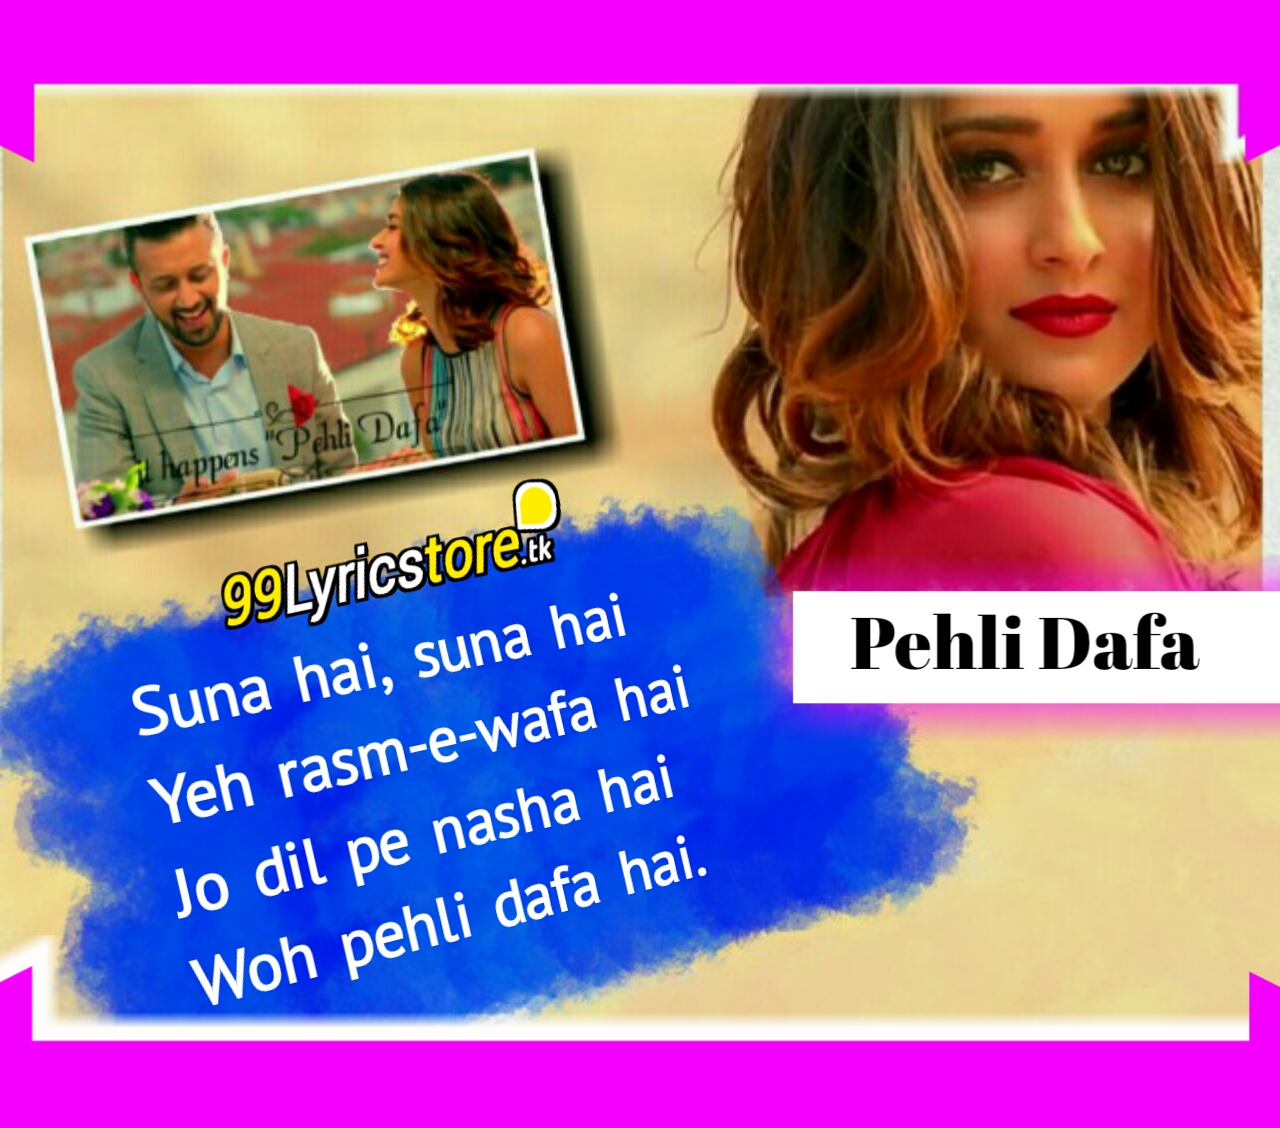 Top Album Song Of Atif Aslam, Atif Aslam and Ileana D'cruz Album Song Lyrics, Ileana D'cruz Song Lyrics, Atif Aslam Popular Song Lyrics, Hindi Song Lyrics